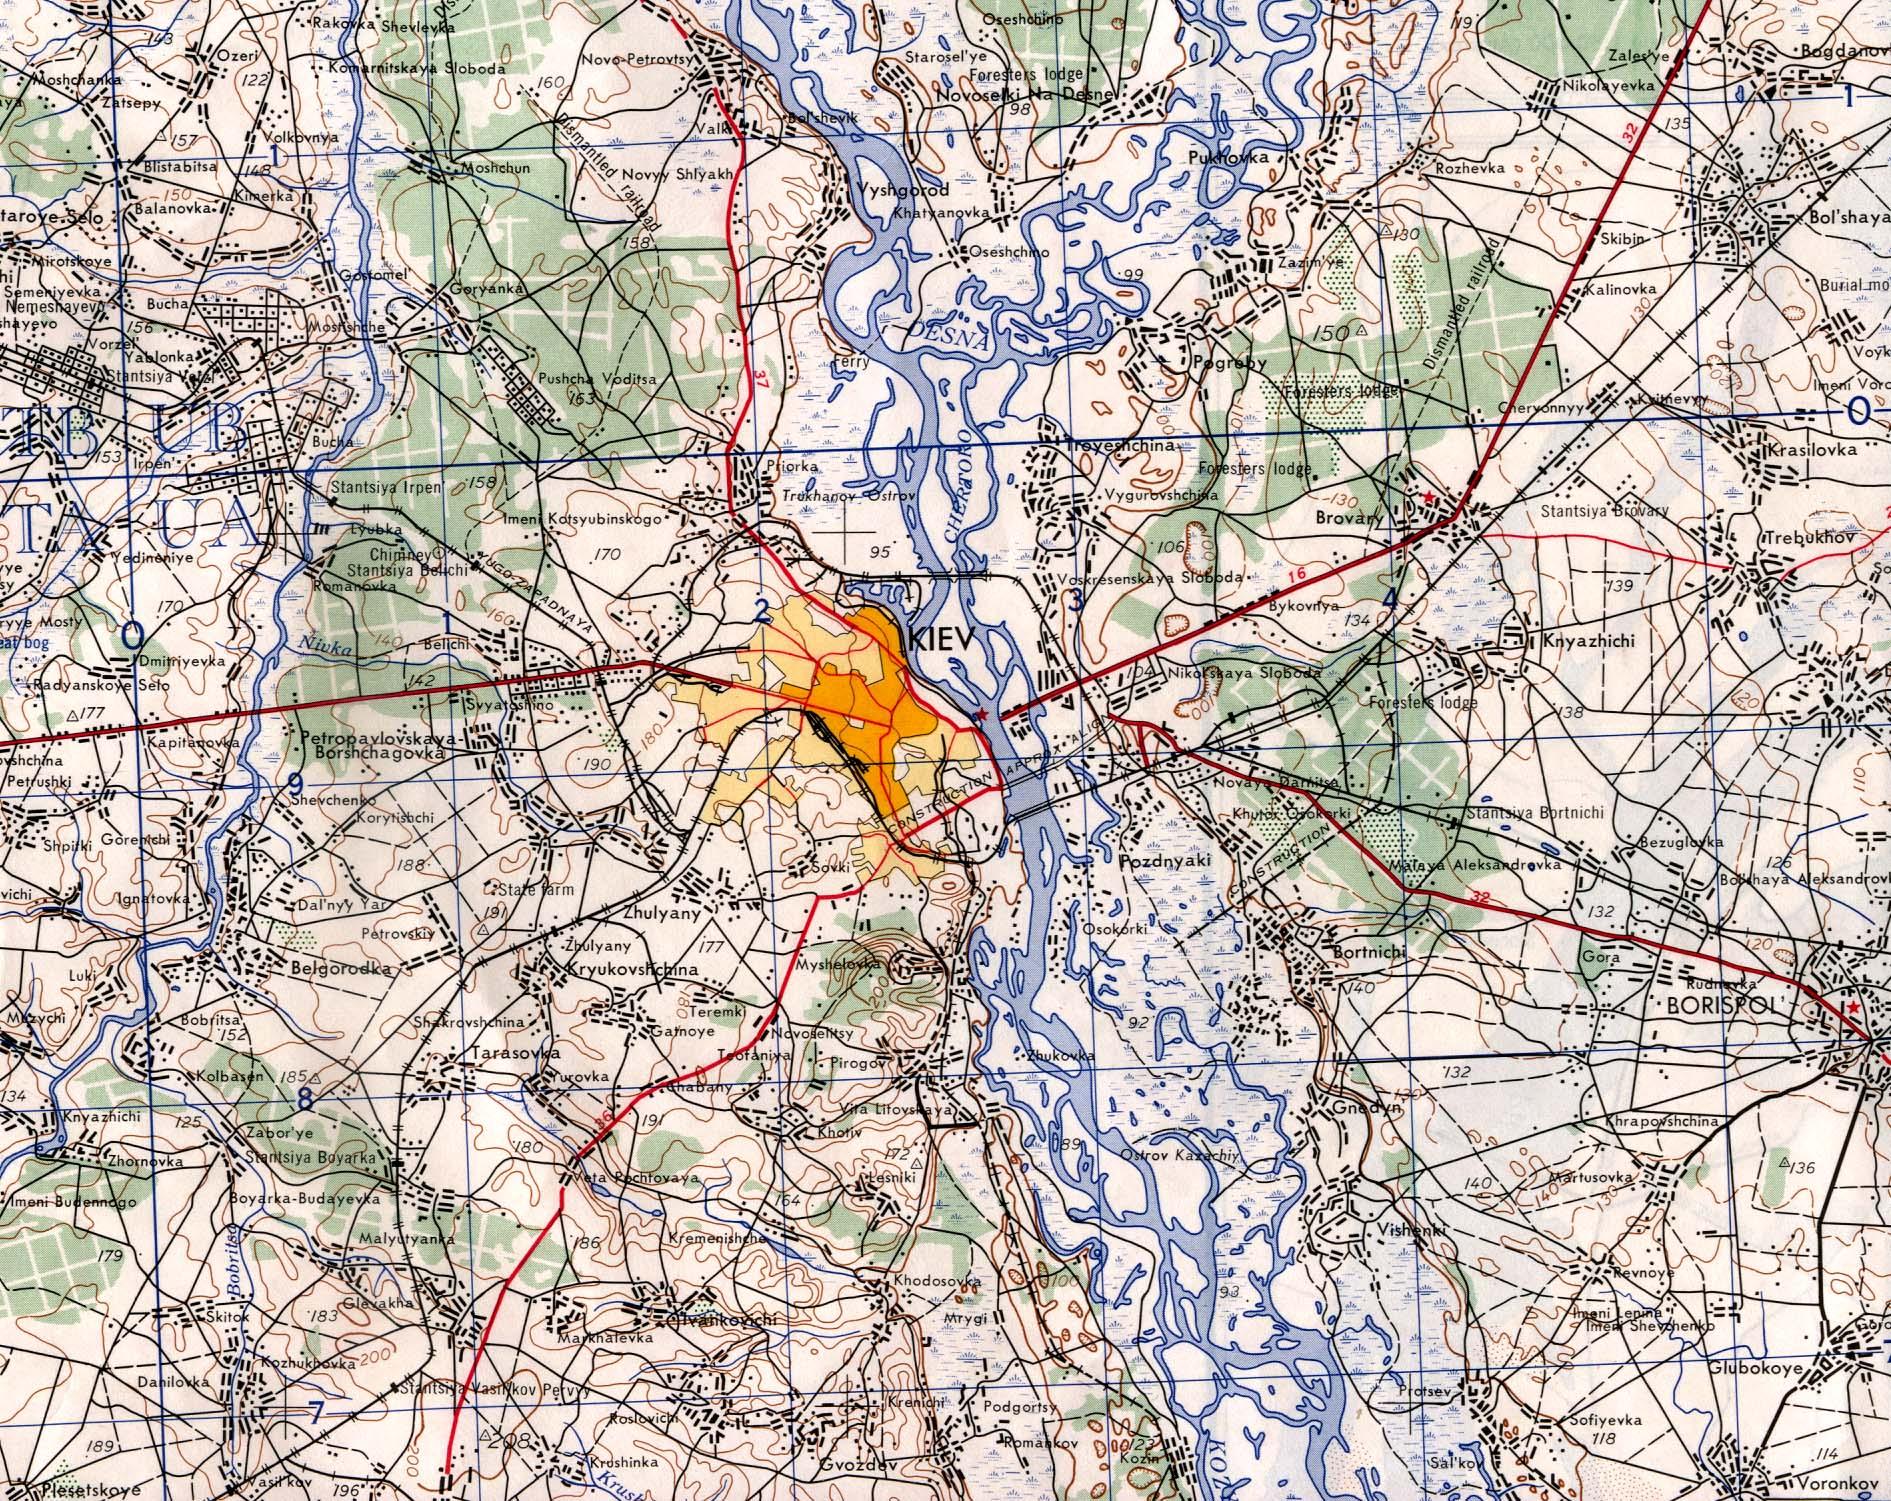 Mapa Topográfico de la Región de Kiev, Ucrania 1953